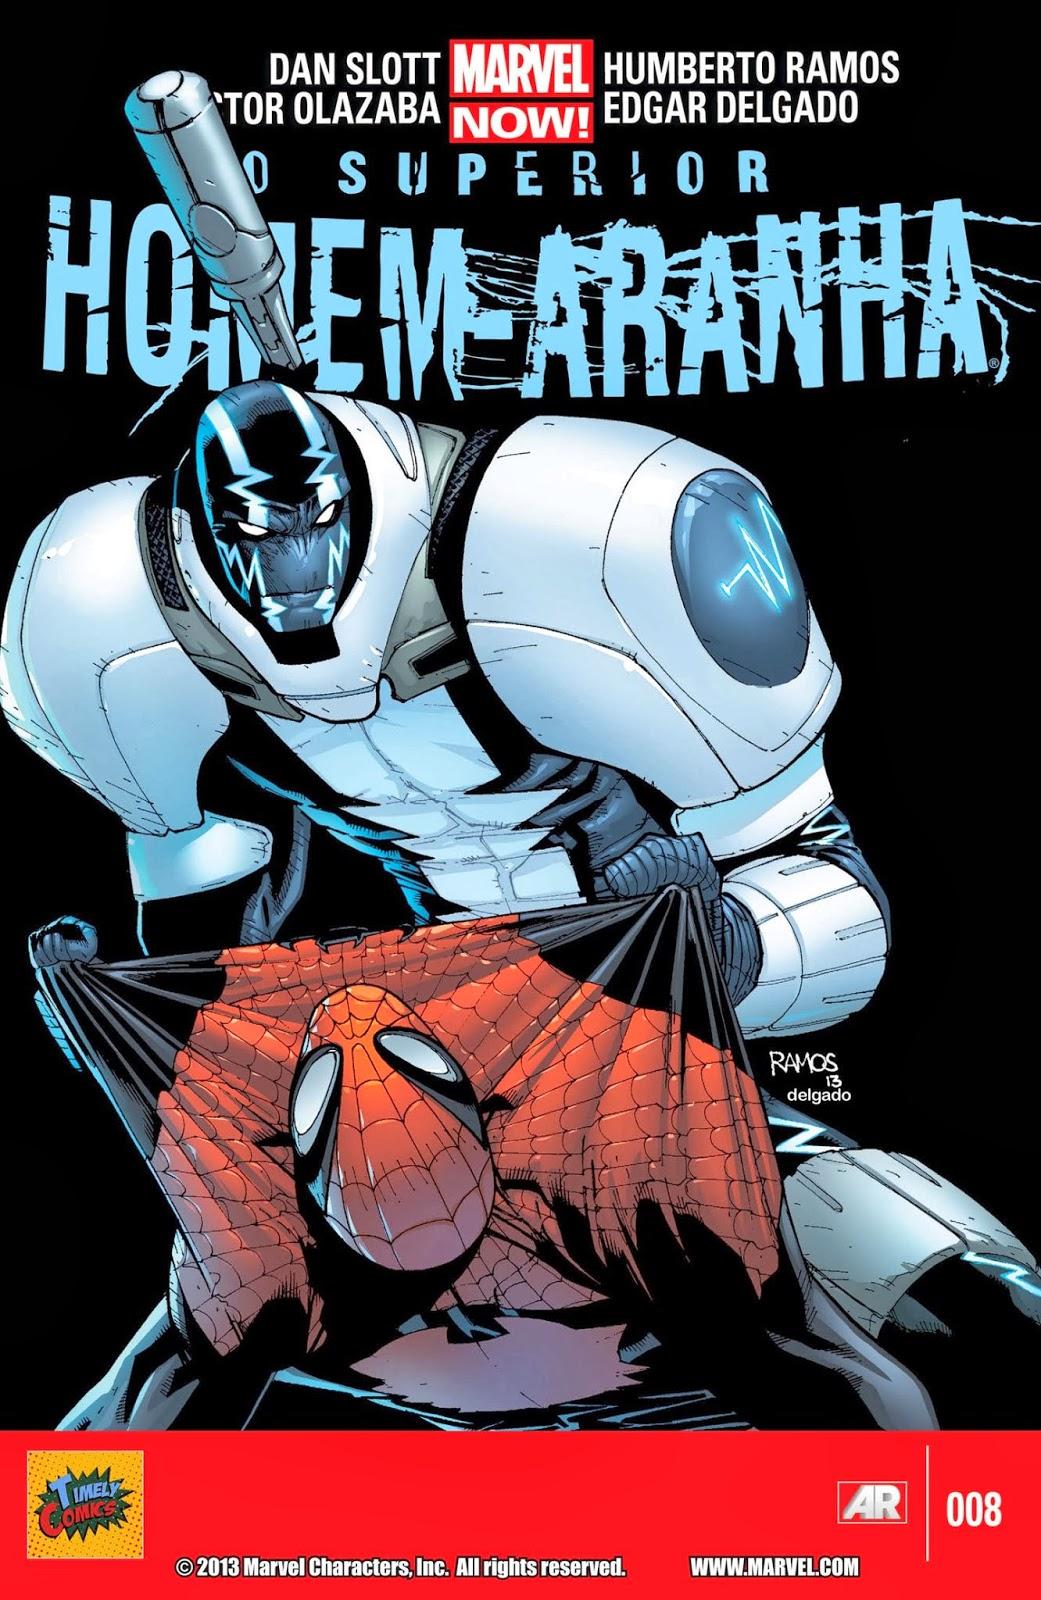 Nova Marvel! O Superior Homem-Aranha #8